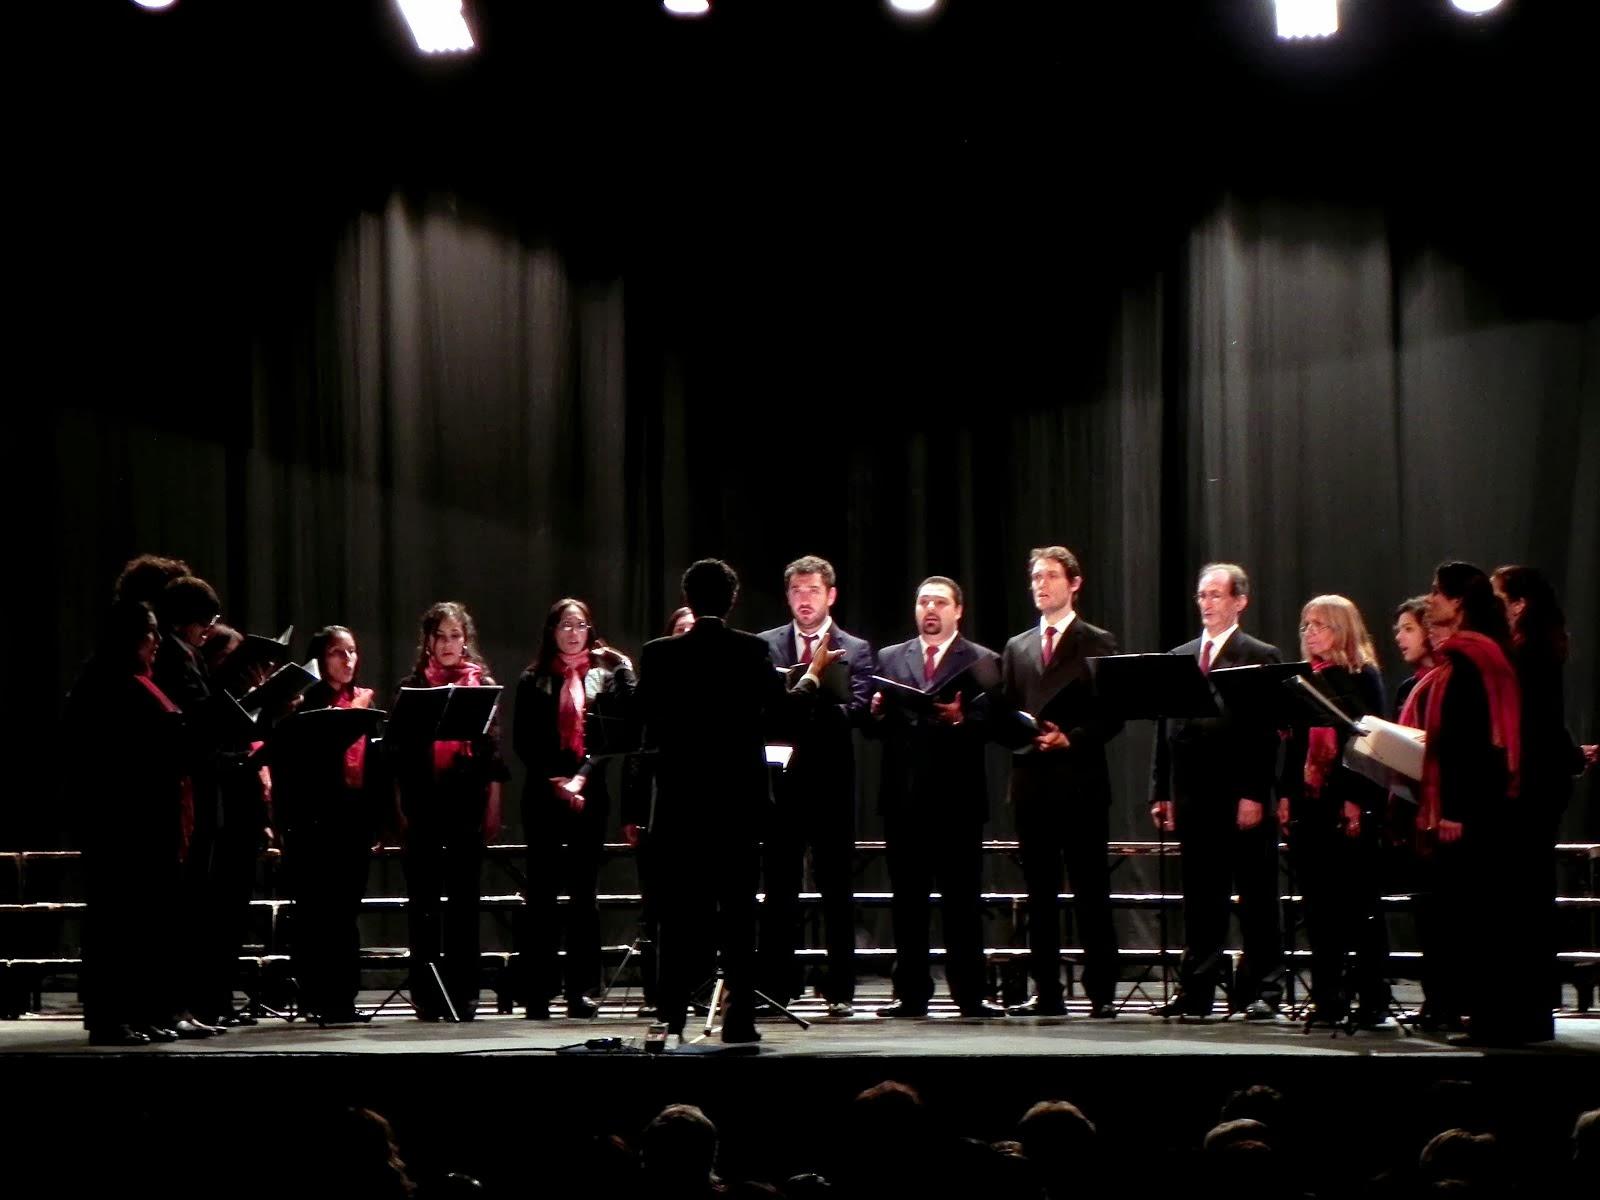 2º Festival Internacional de Coros de Mar del Plata 2011